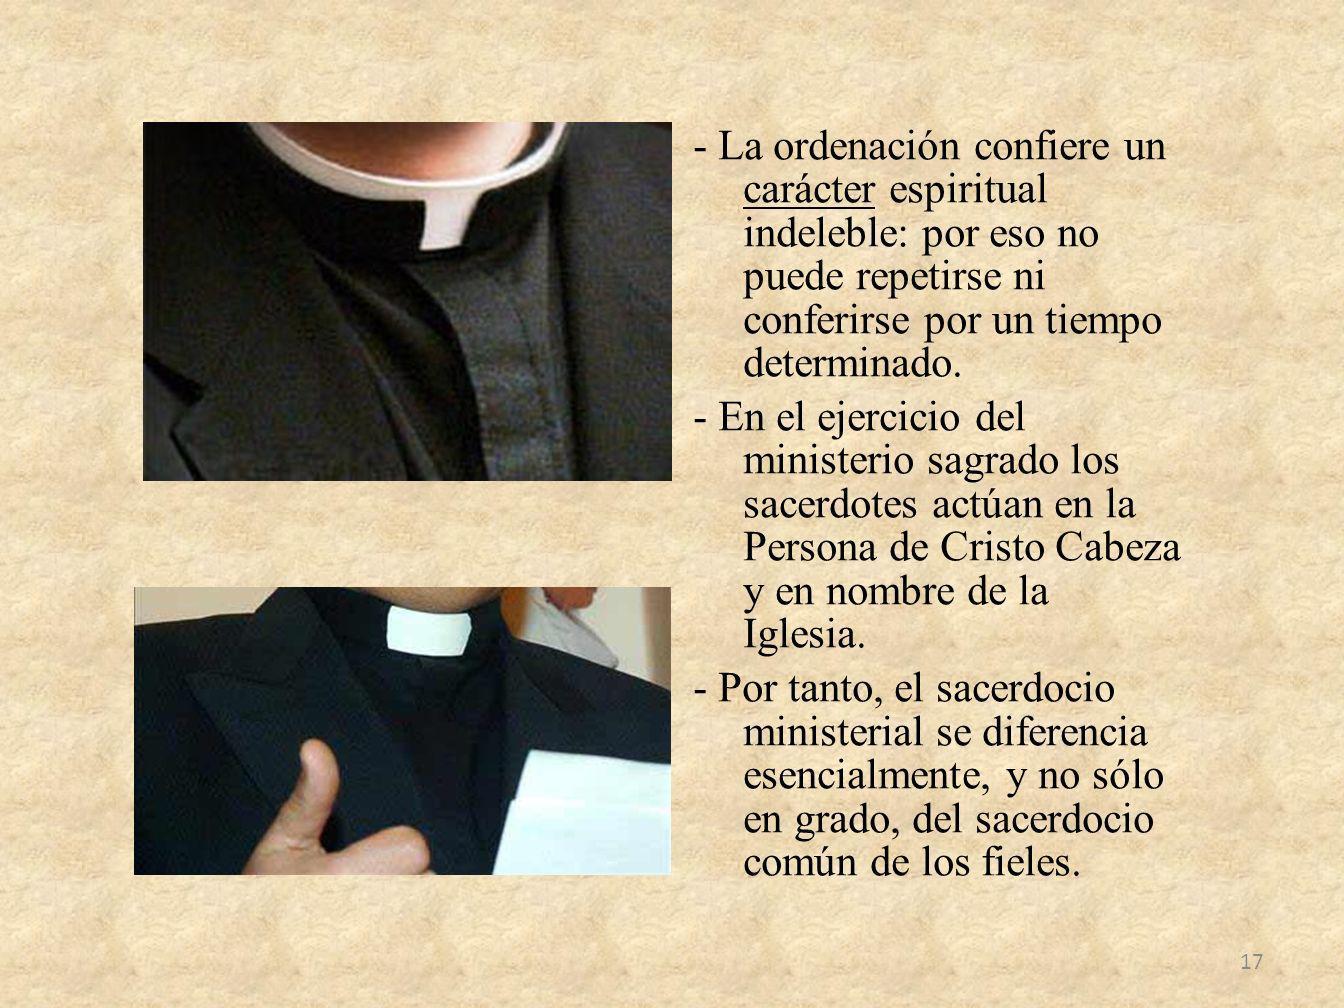 - La ordenación confiere un carácter espiritual indeleble: por eso no puede repetirse ni conferirse por un tiempo determinado.